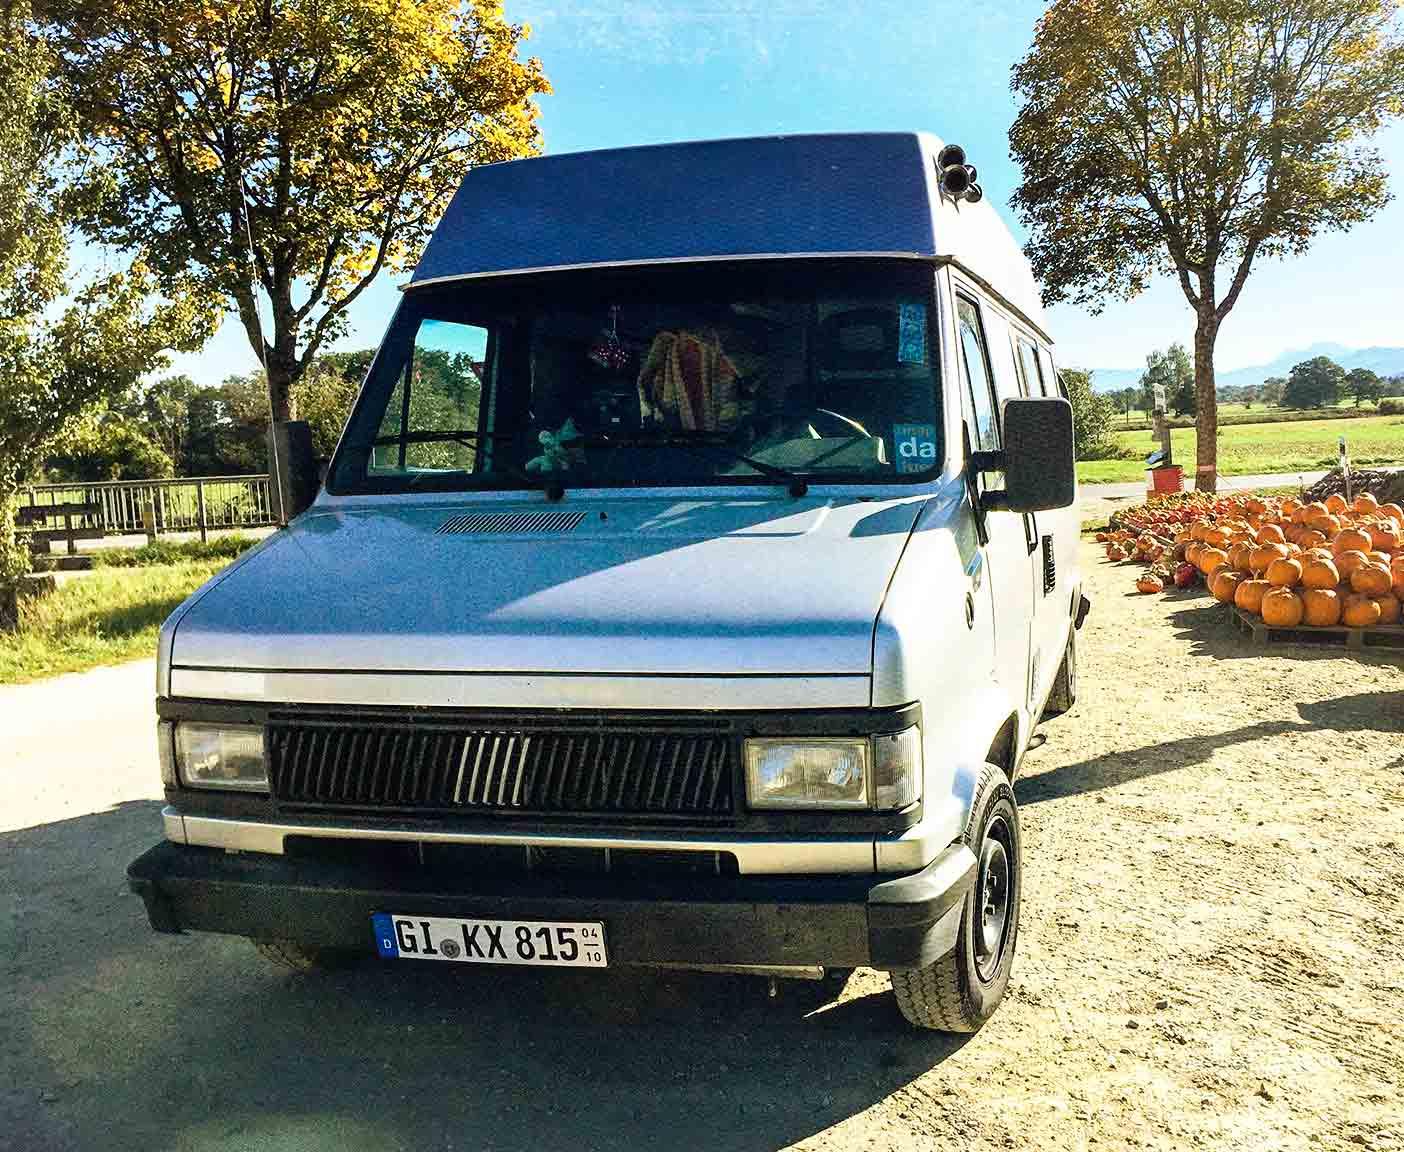 fiat-ducato-290-wohnmobil-kastenwagen-forum-camper-ausbau-ersatzteile-pössl-vanlife-passport-diary-reiseblog-11